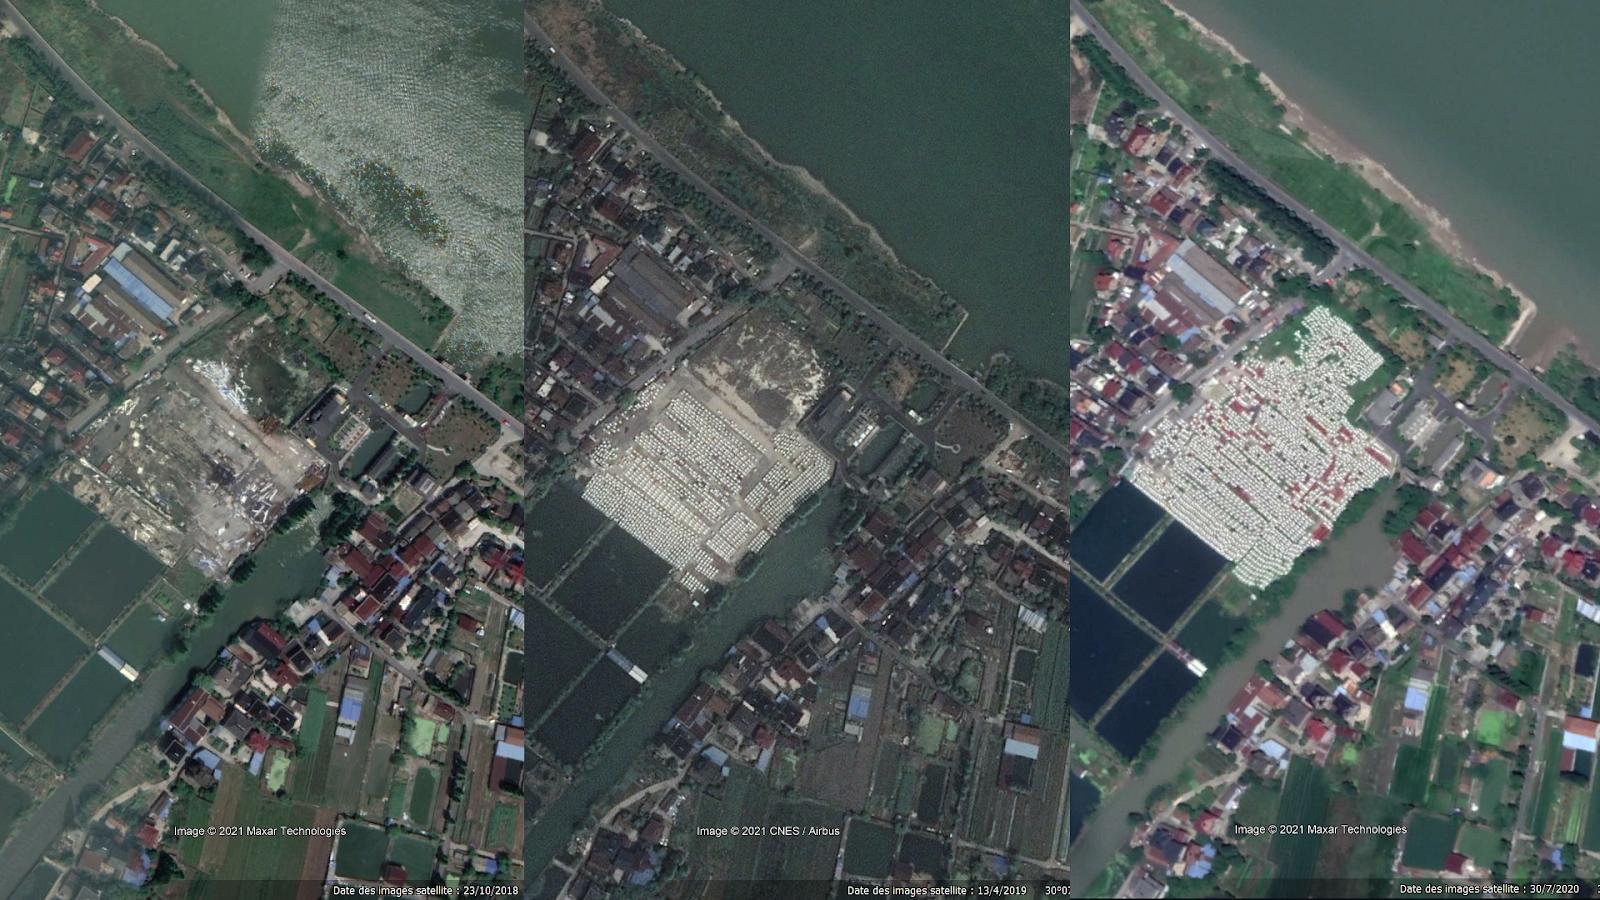 Montage de trois captures d'écran d'images satellites fournies par Google Earth Pro datant, de gauche à droite, du 23 octobre 2018, du 13 avril 2019 et du 2 juillet 2020. Périphérie de Hangzhou, Chine.